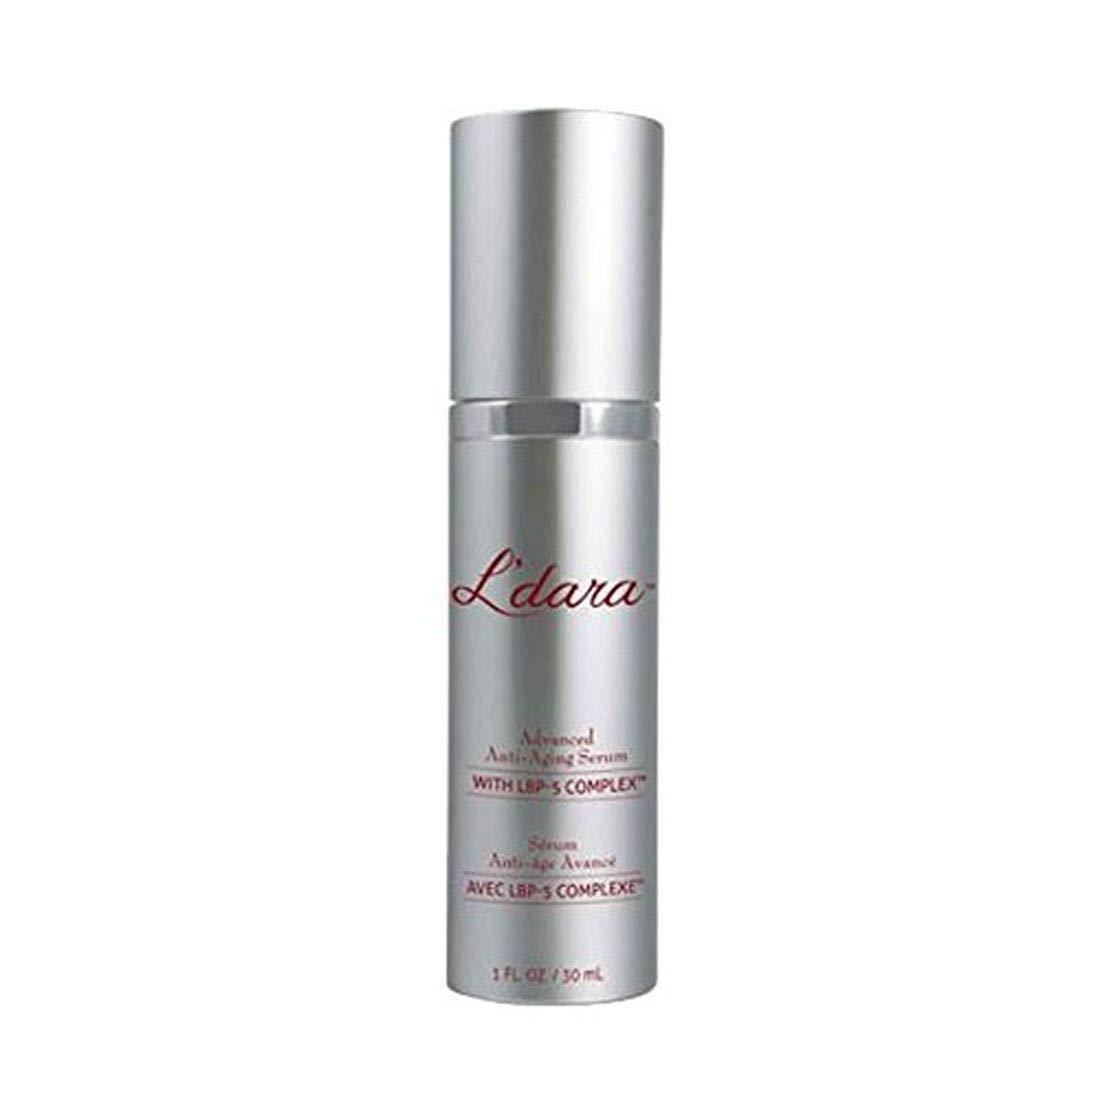 L'dara Advanced Anti-Aging Serum 1 oz